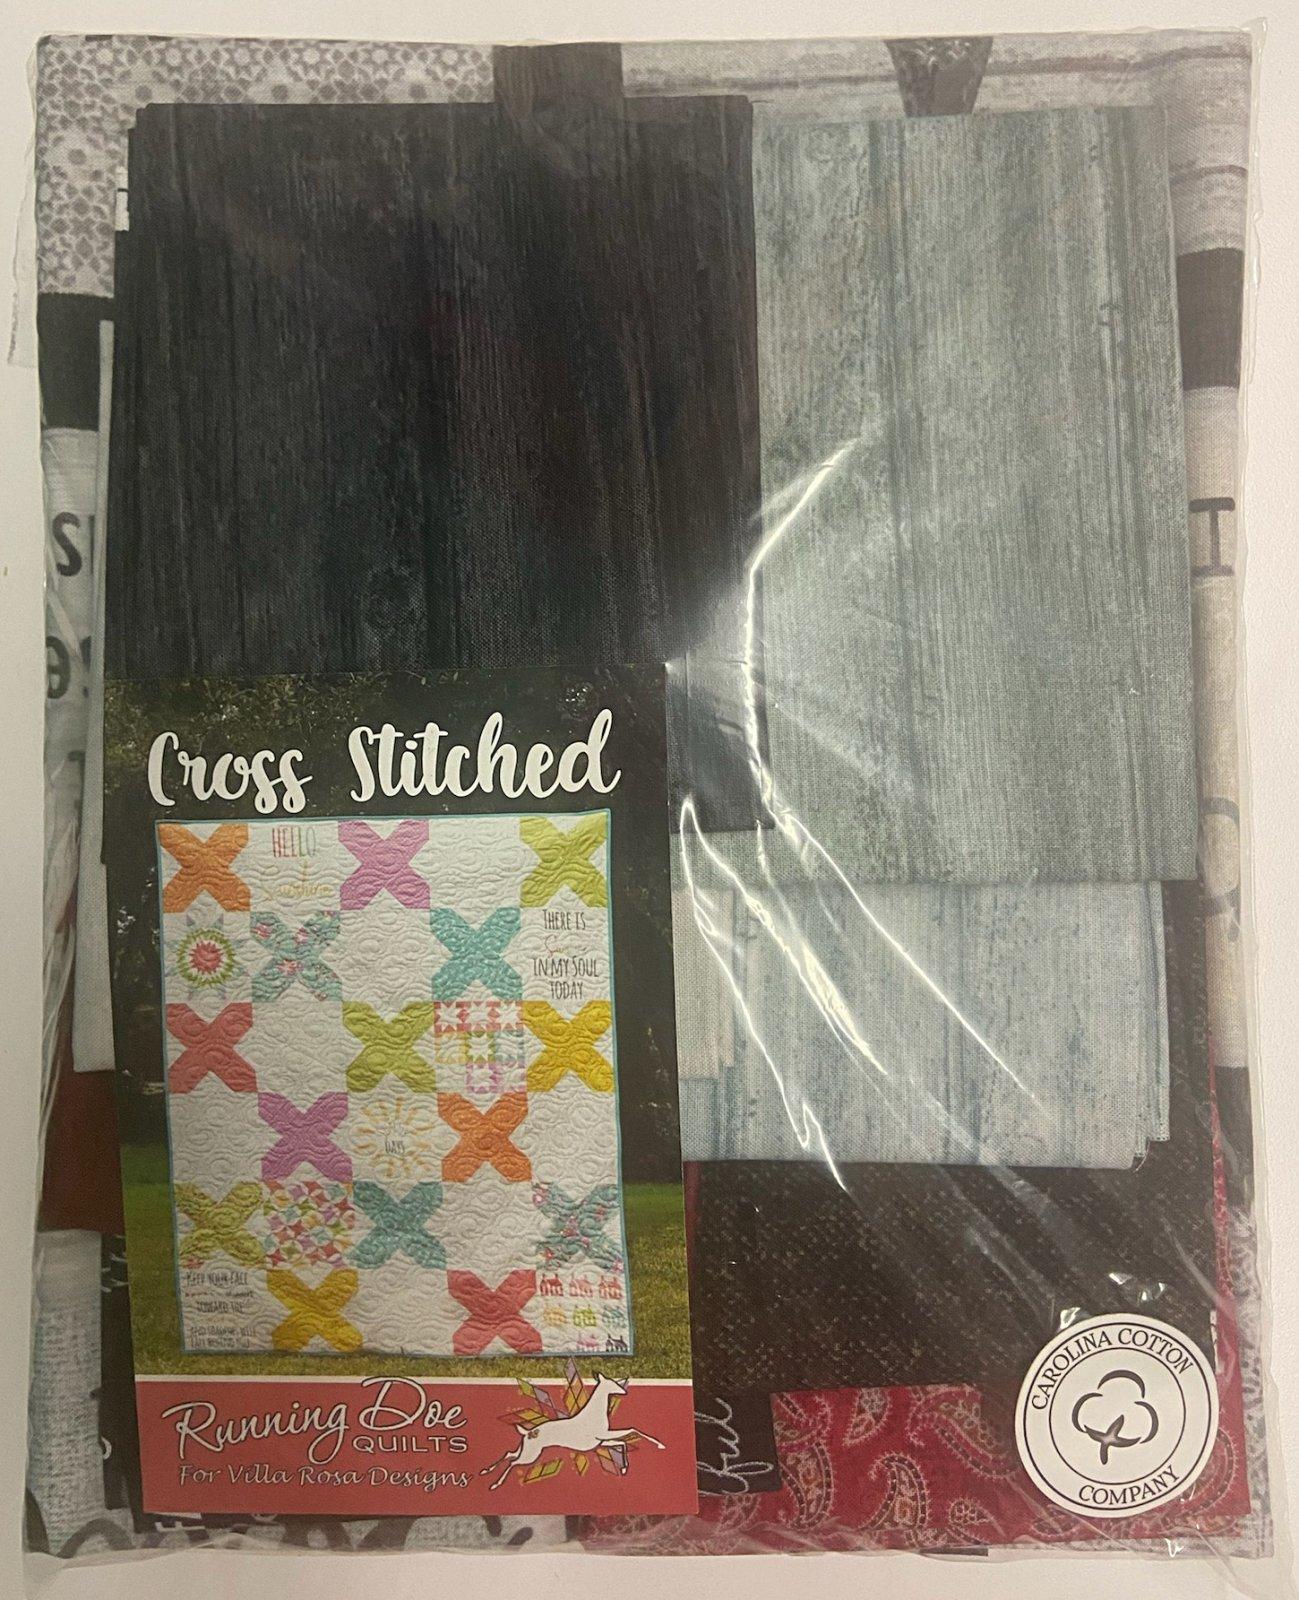 Cross Stitched Mid Carolina Run 2021 Quilt Kit